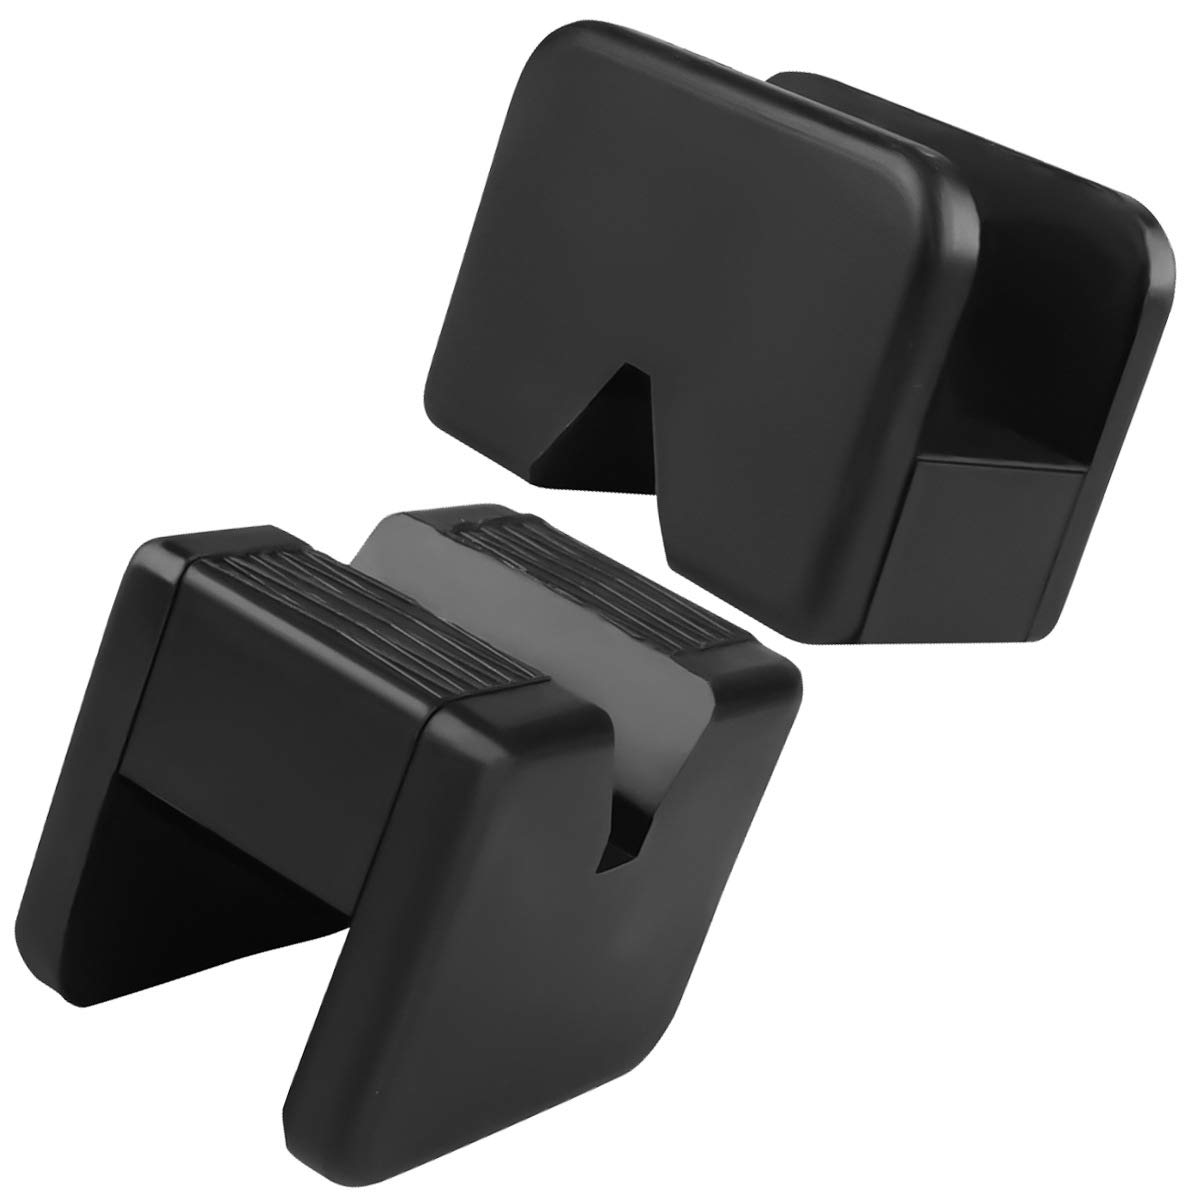 Tampone in Gomma per Cric Sollevatore Auto Ponte con Scanalatura Spessori per Cric Evitano Graffi Danni Resistente Universale Jack Pad Confezione da 2